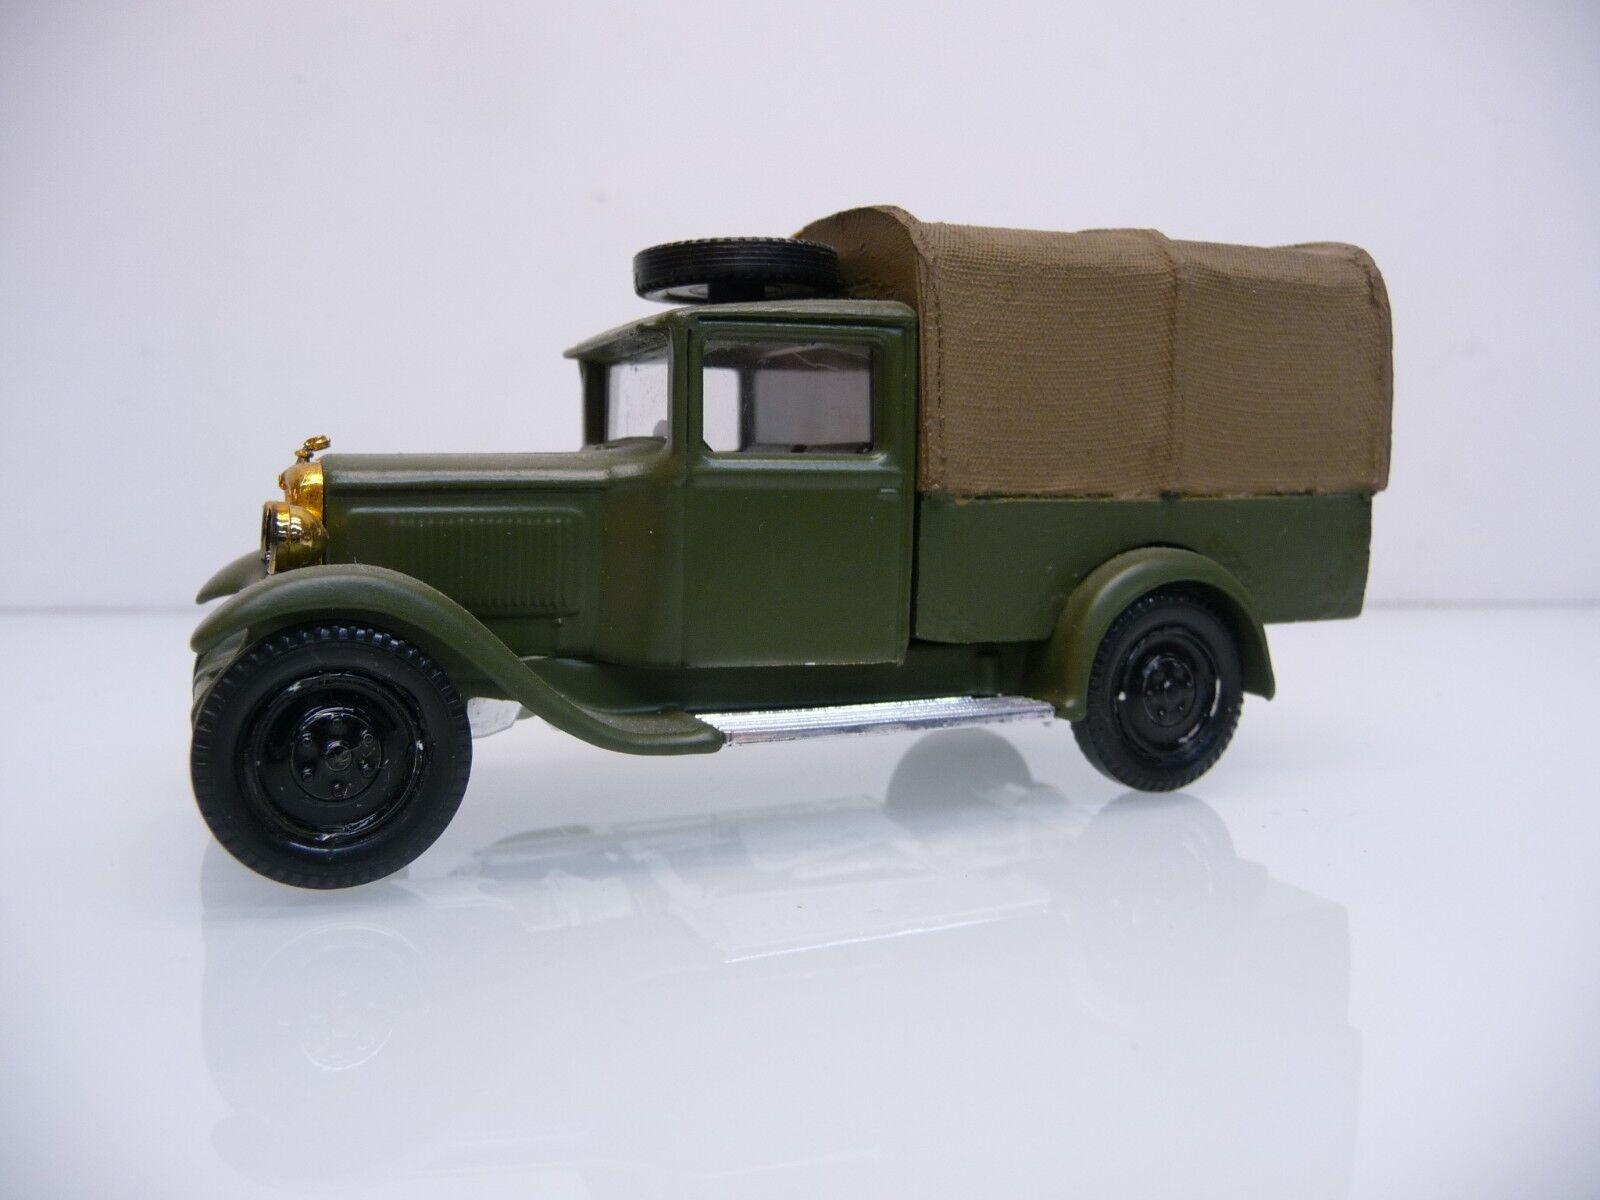 Solido 1 43 mano trabajo modelo citroen c4f 1930 con camastro verde oliva ejército